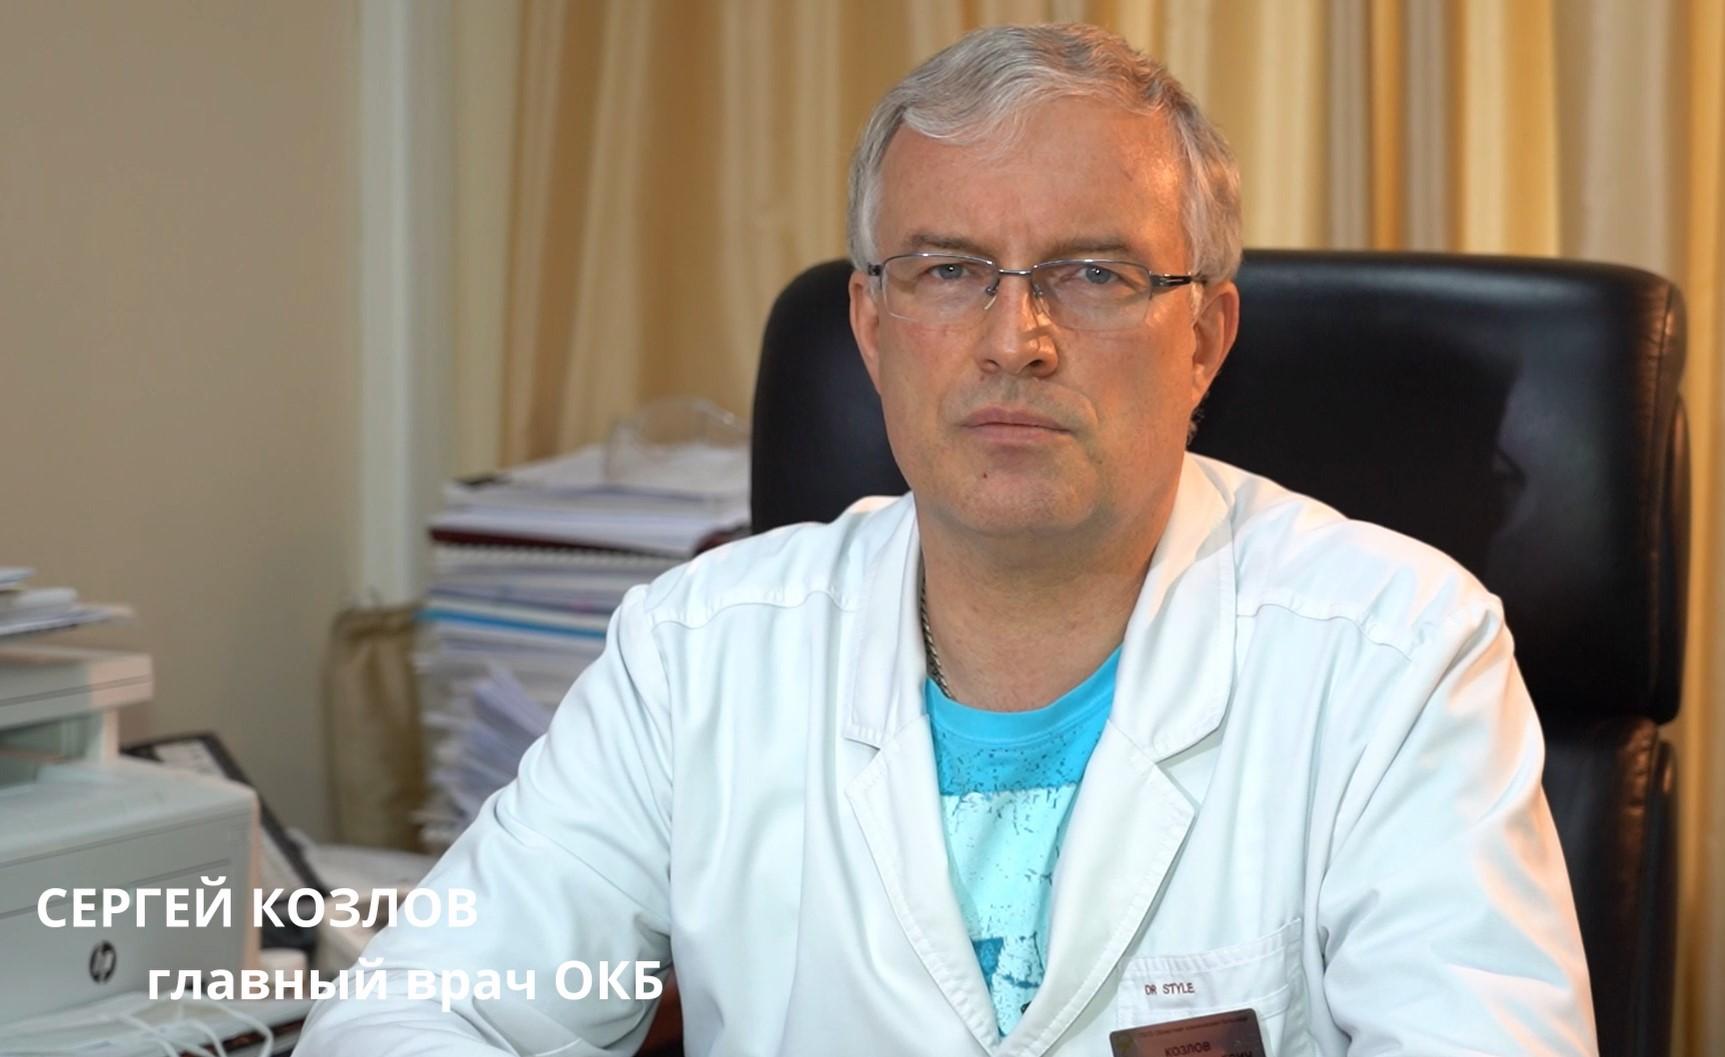 Главный врач Тверской ОКБ поделился ожиданиями от поправок в Конституцию и поздравил коллег с праздником